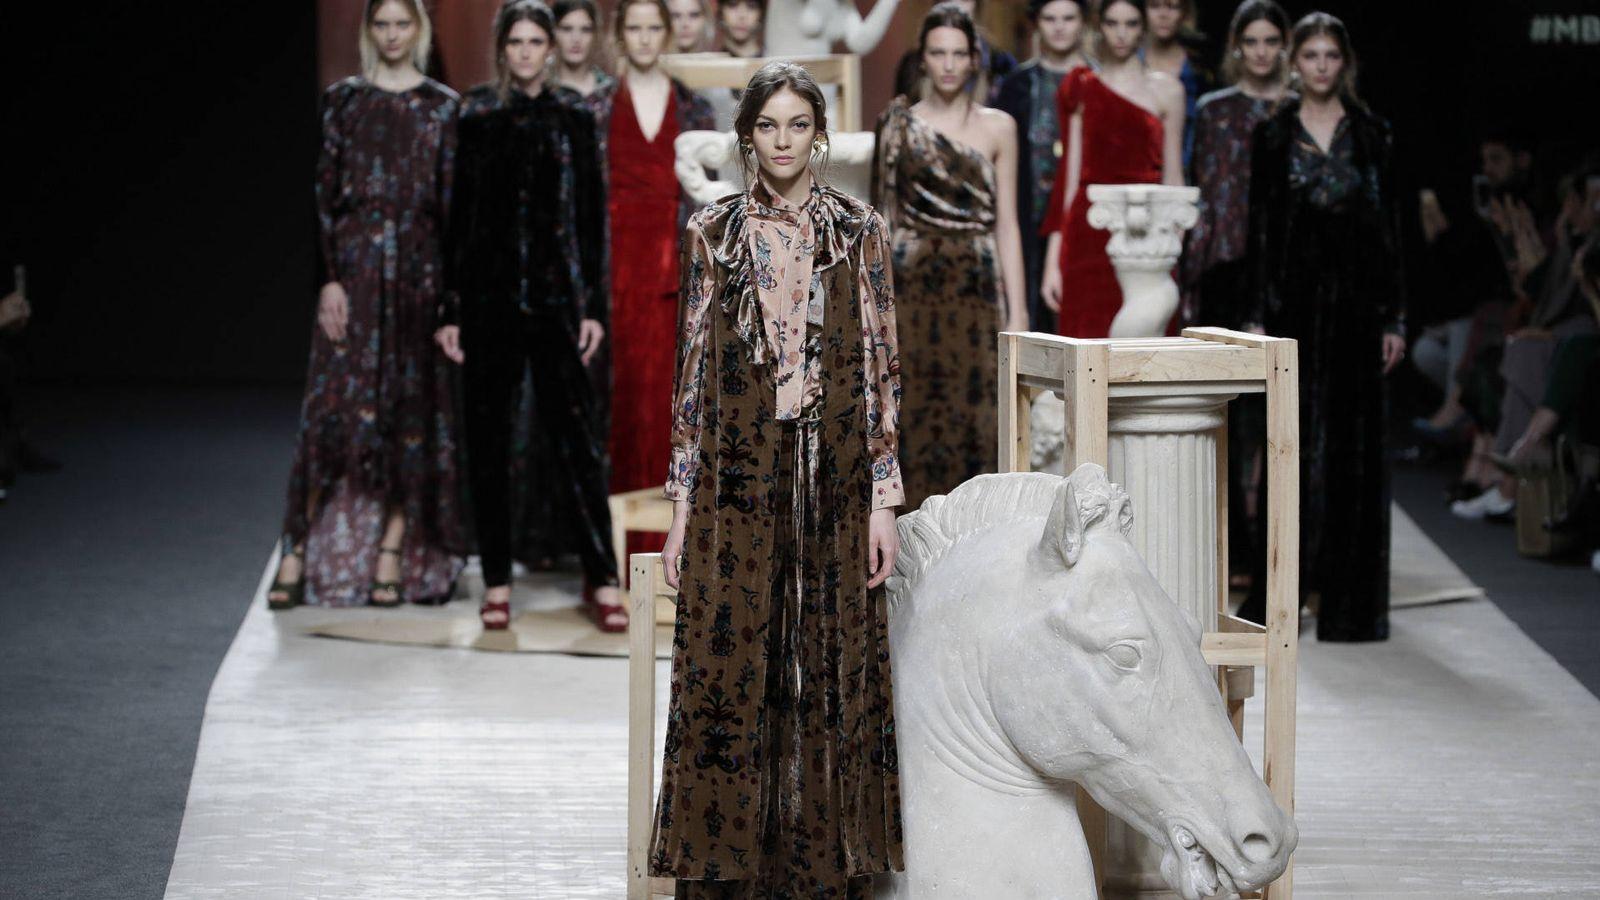 Foto: Imagen del carrusel final del desfile de Ailanto en la Mercedes-Benz Fashion Week Madrid. (Gtres)